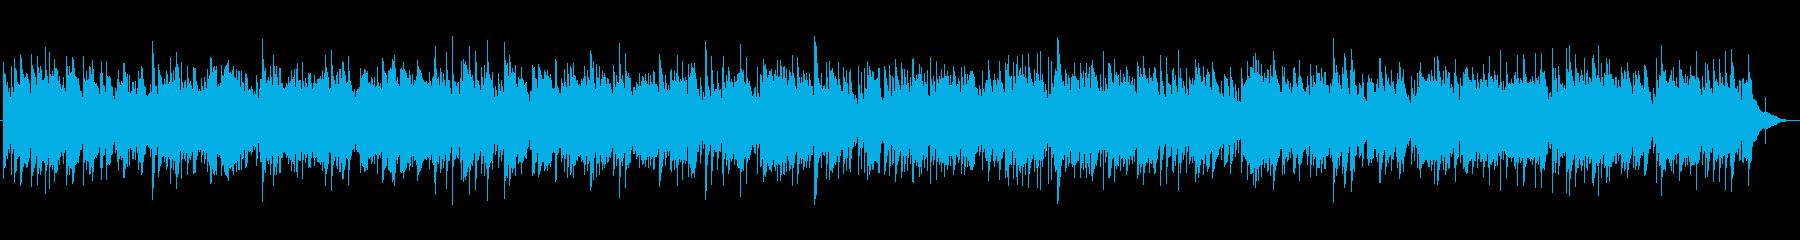 3拍子アコースティックバラードの再生済みの波形